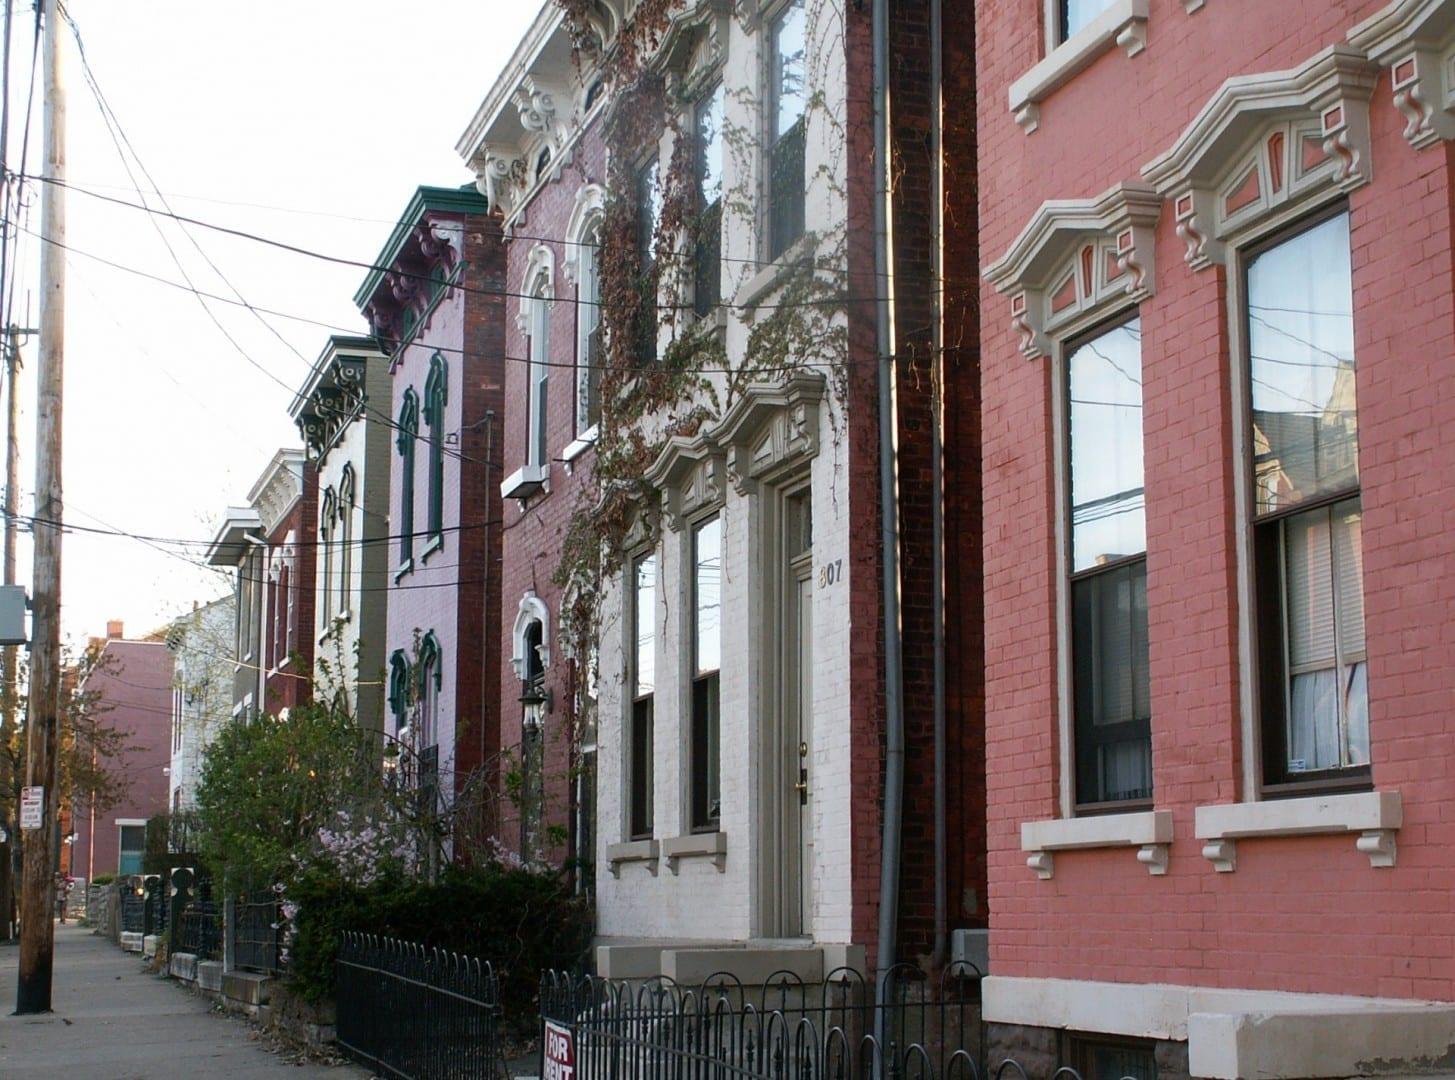 Algunas de las muchas casas italianas bien conservadas de Covington de finales del siglo XIX Covington KY Estados Unidos